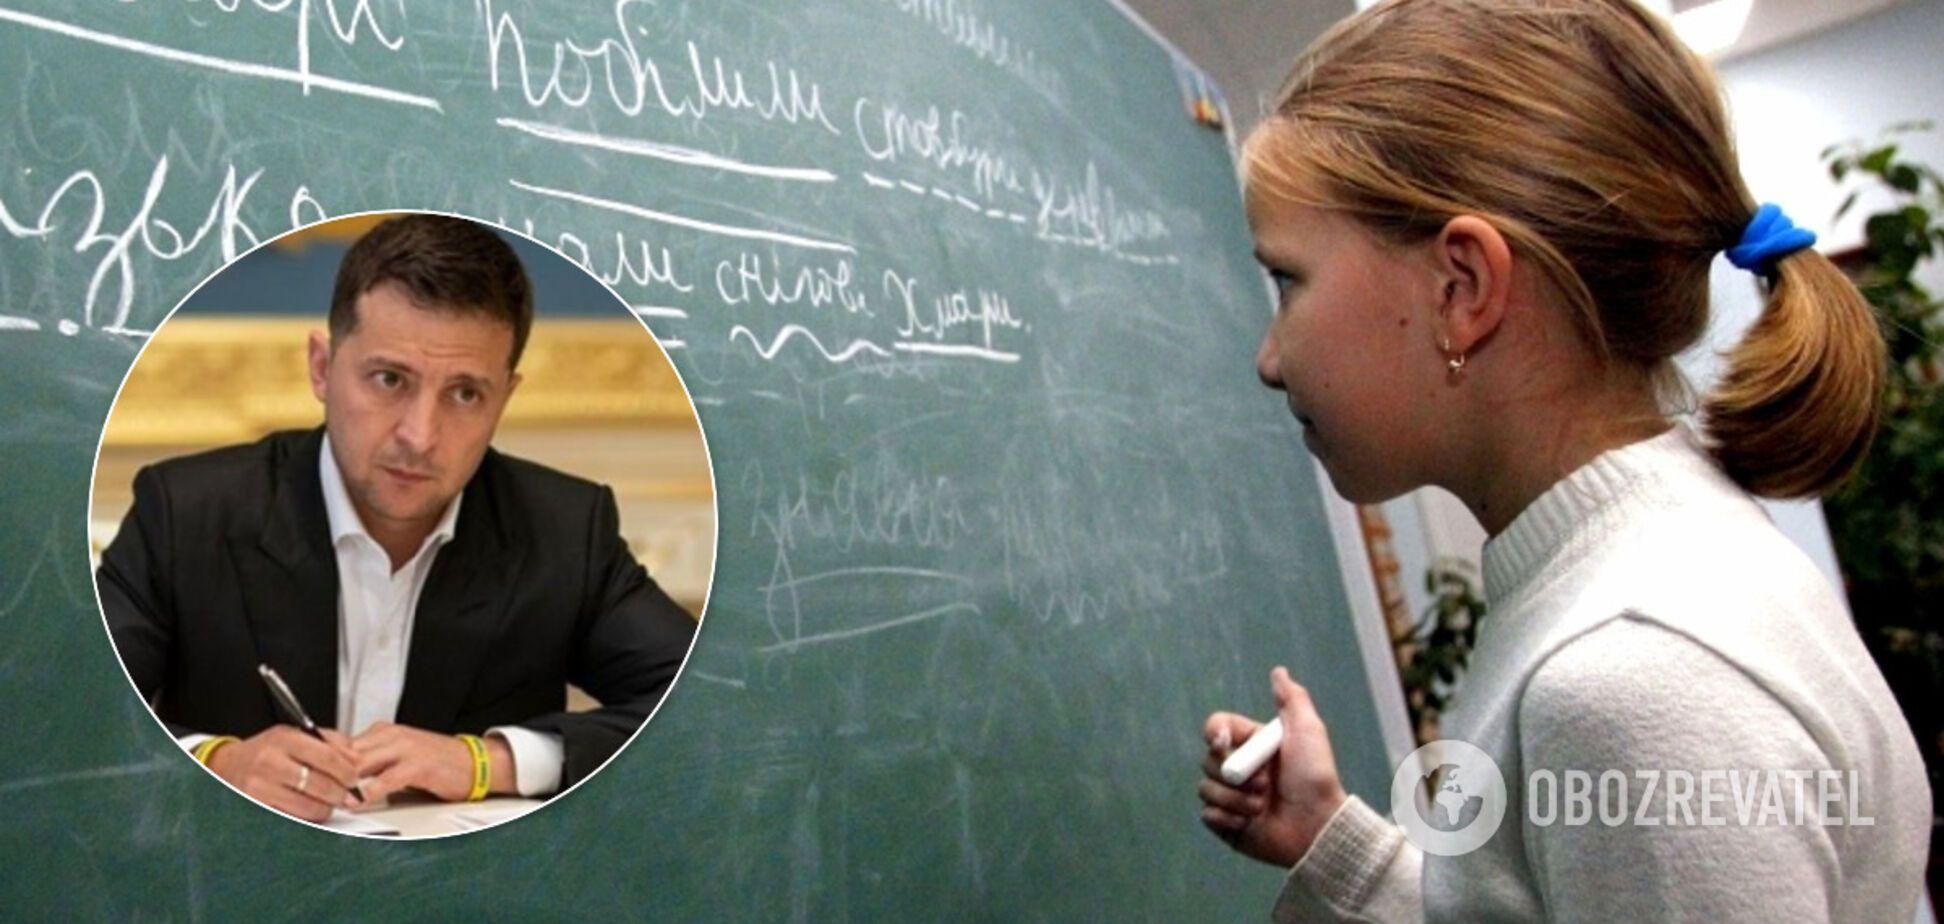 Зеленський підписав закон про загальну середню освіту: що зміниться